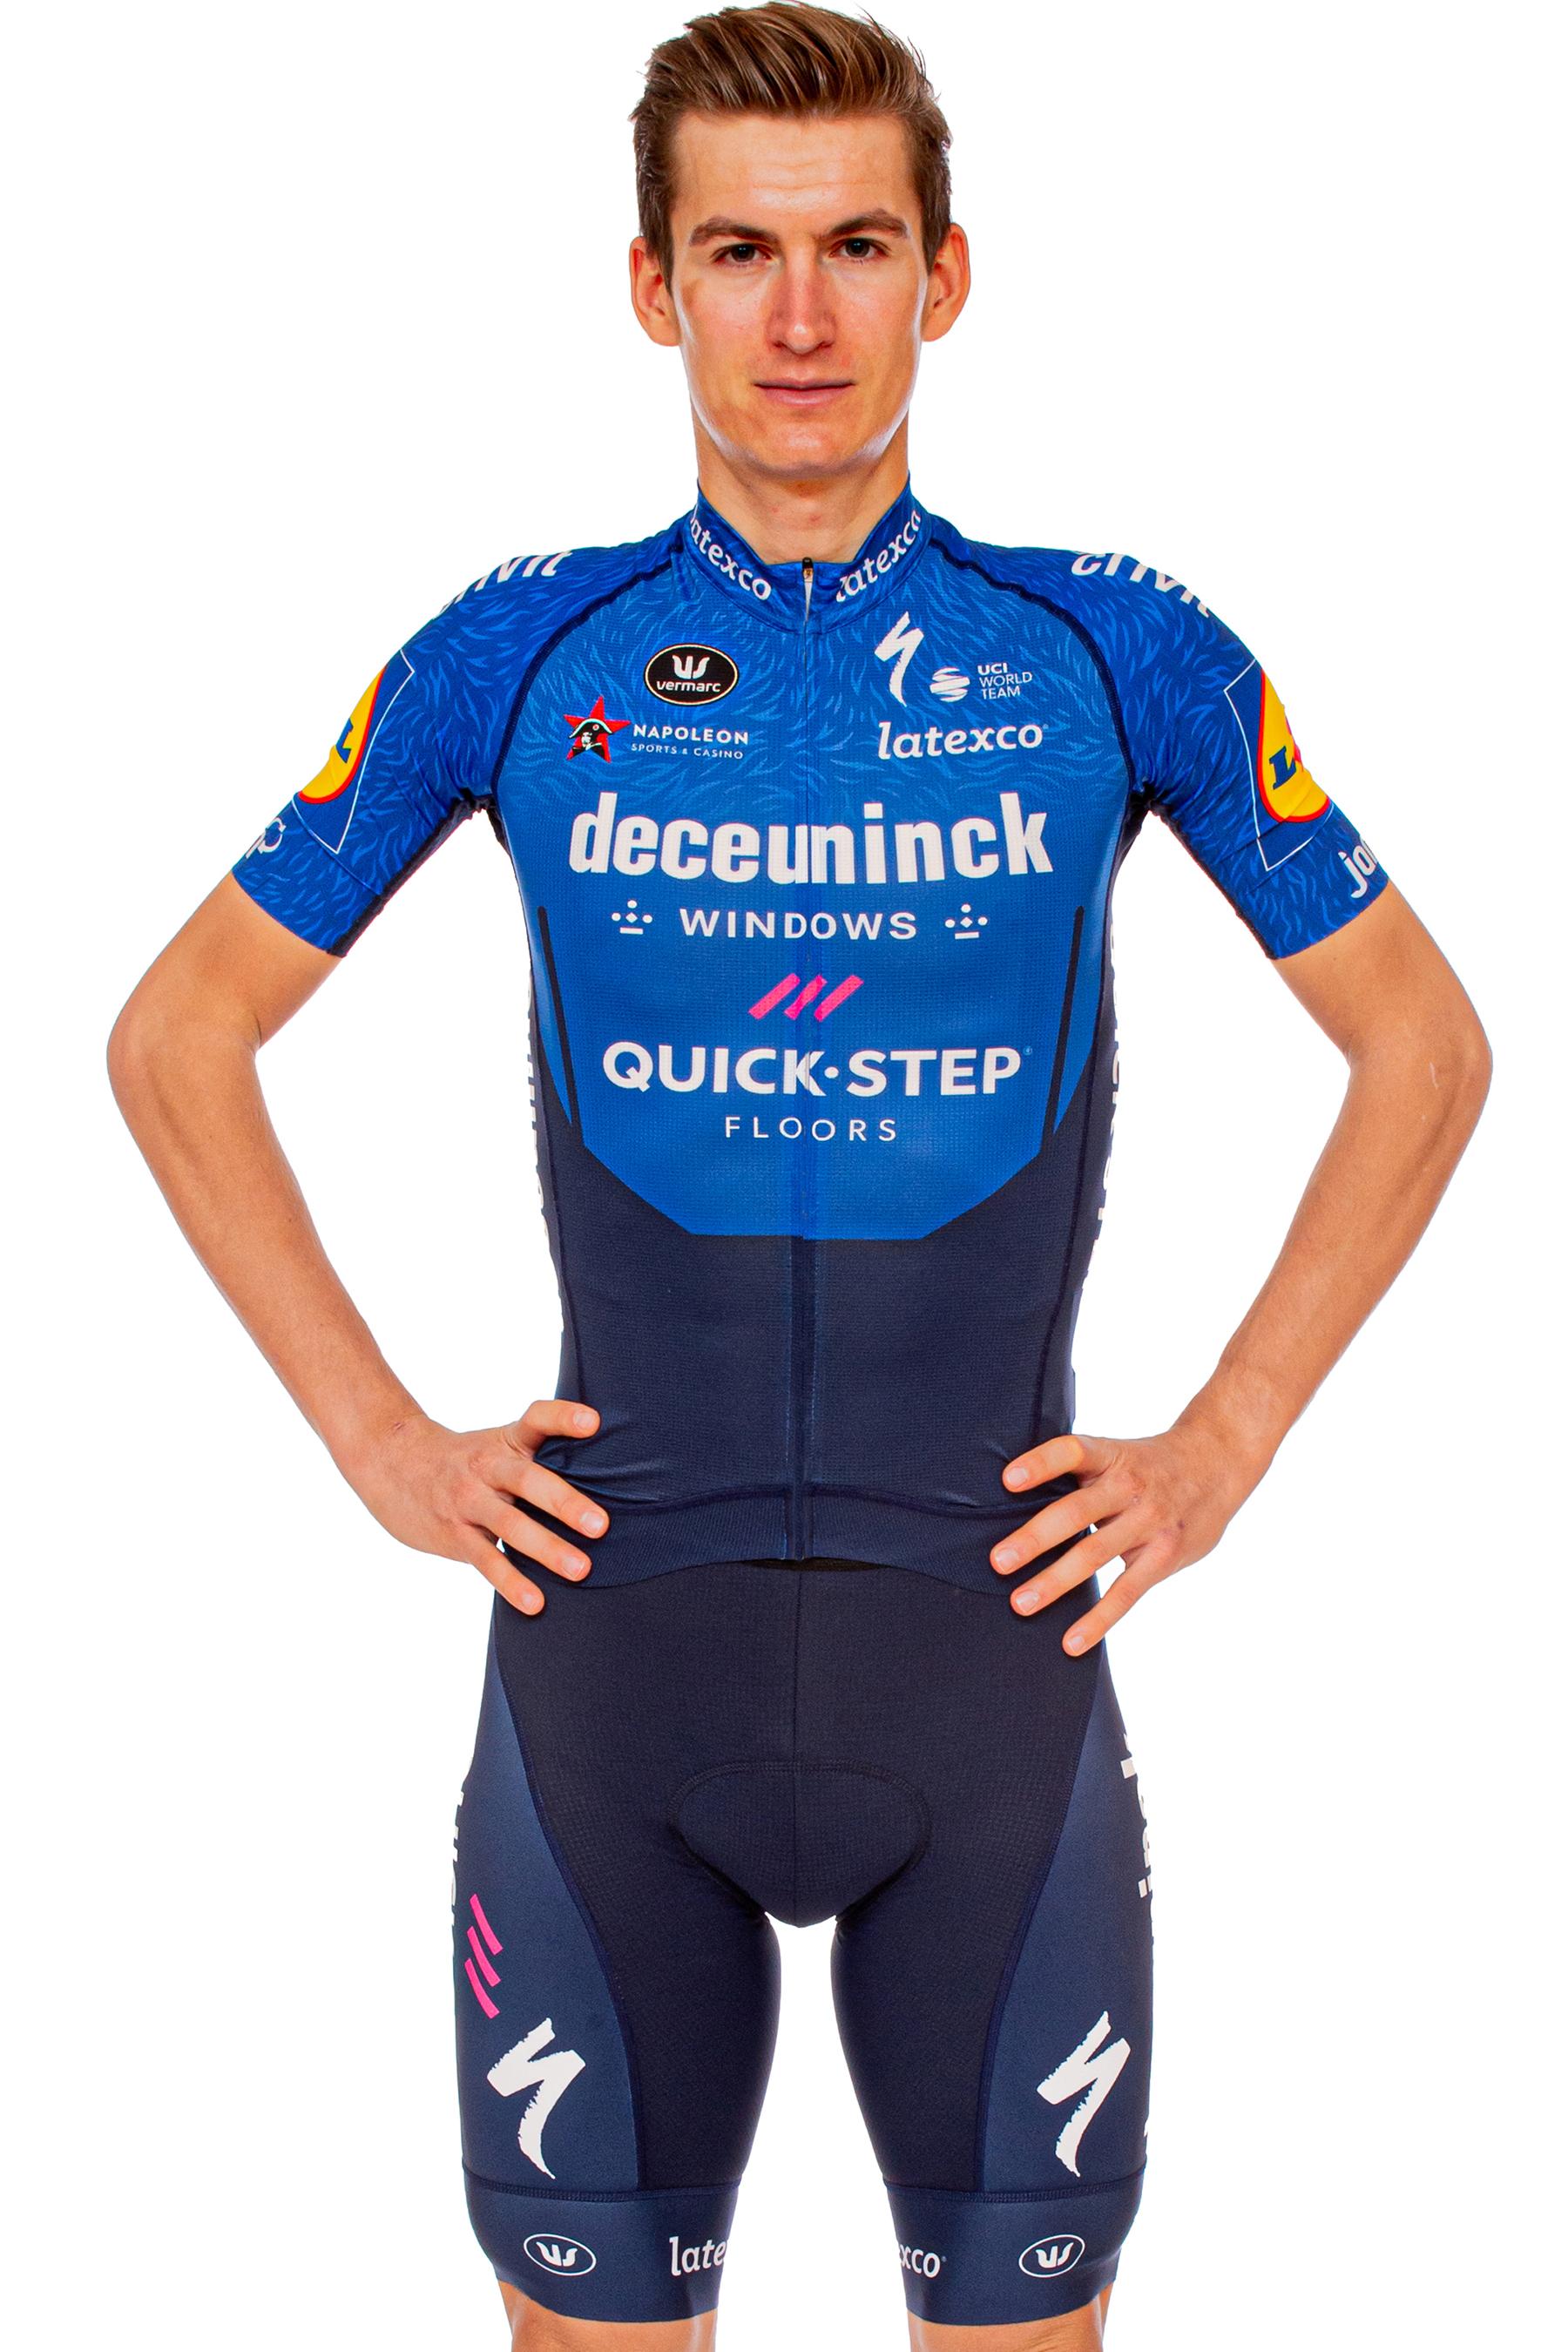 Mikkel Honore Deceuninck 2021